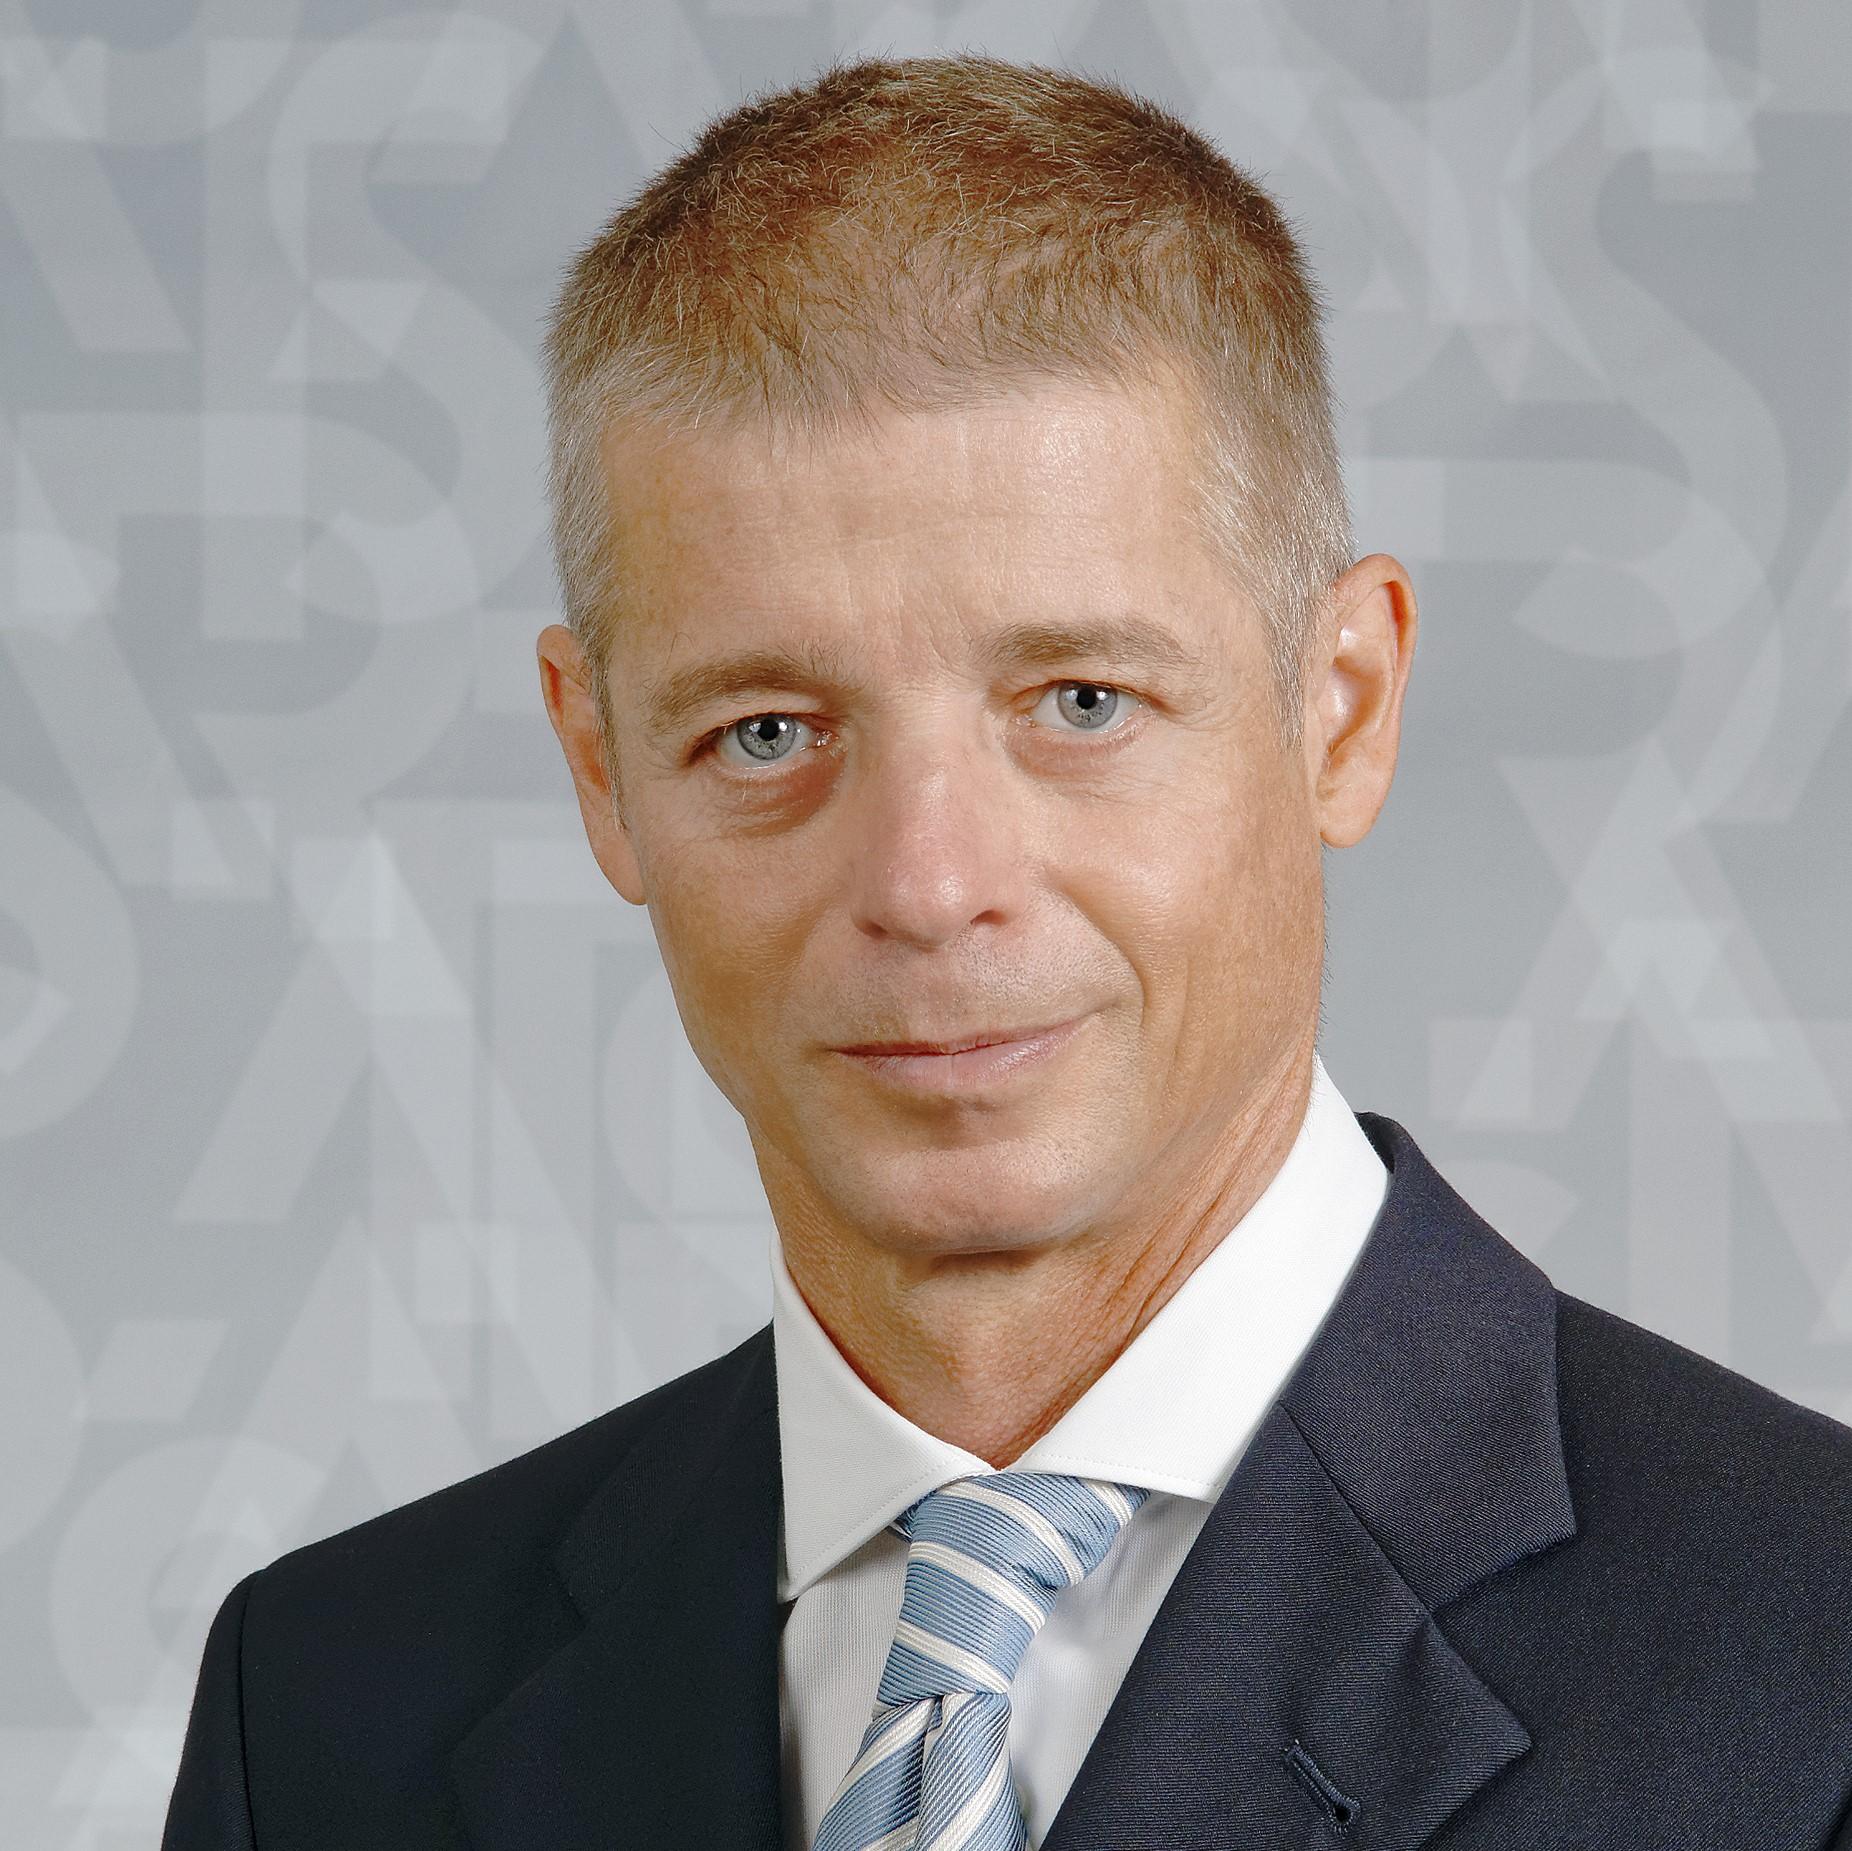 Miklós Juhász